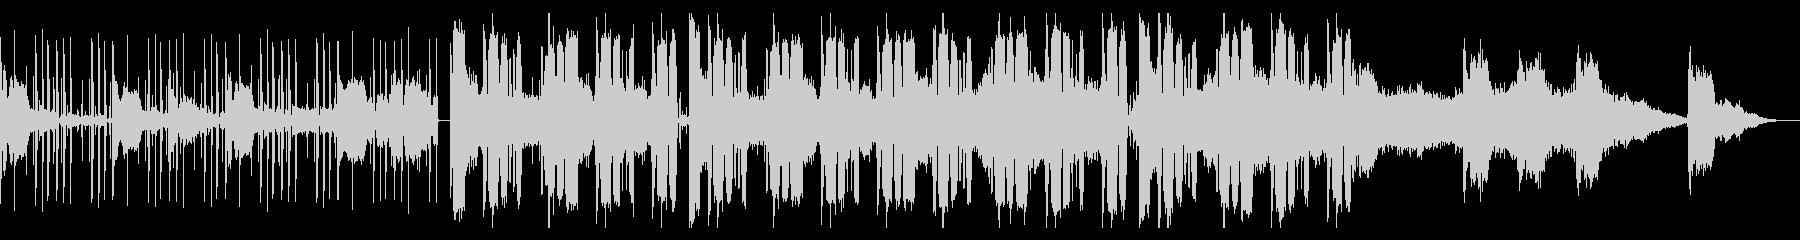 ピアノとシンセのチル・ヒップホップの未再生の波形